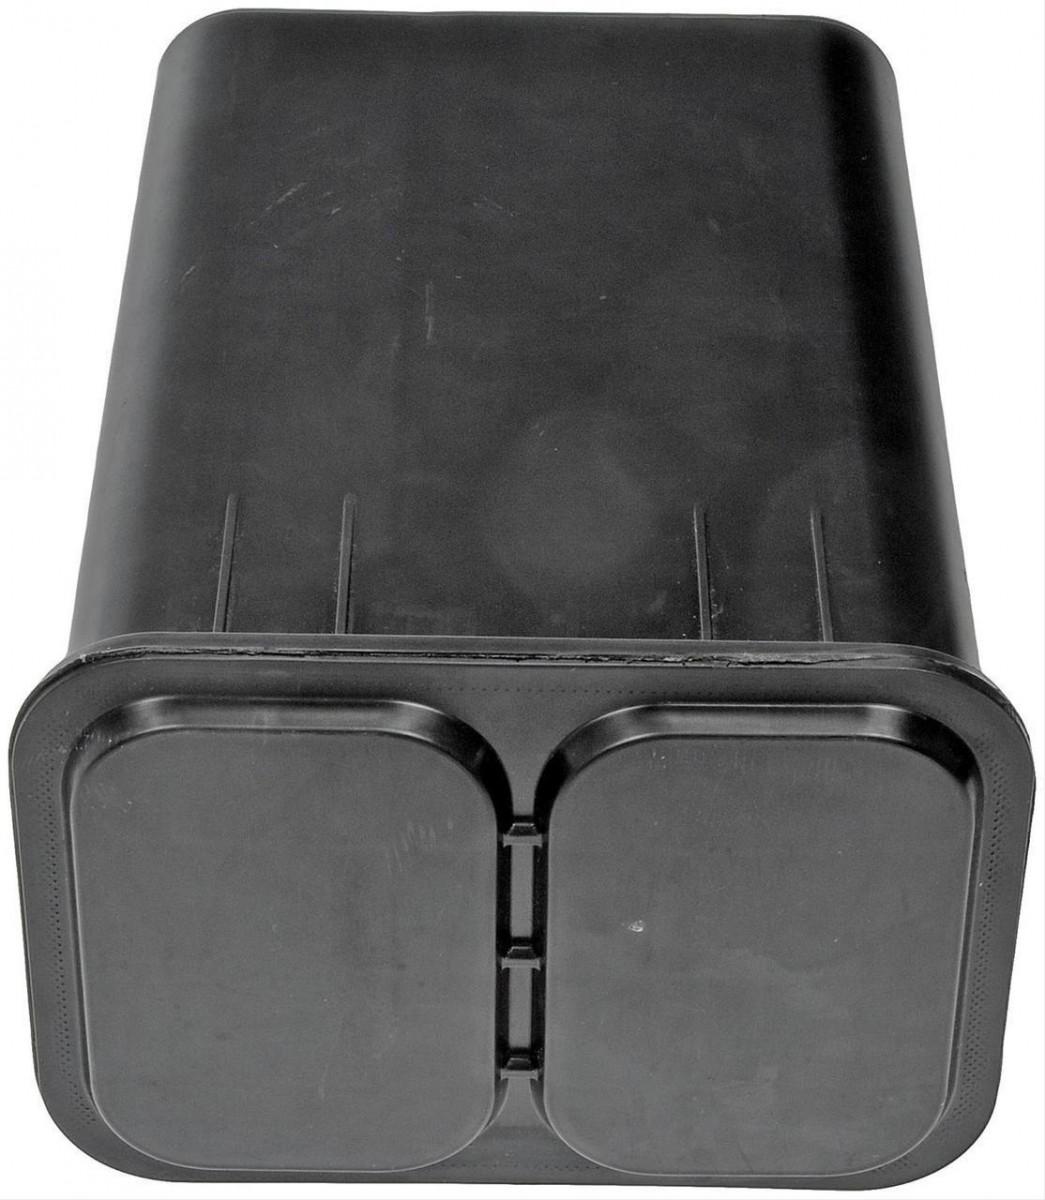 Vapor Canister Dorman 911-262